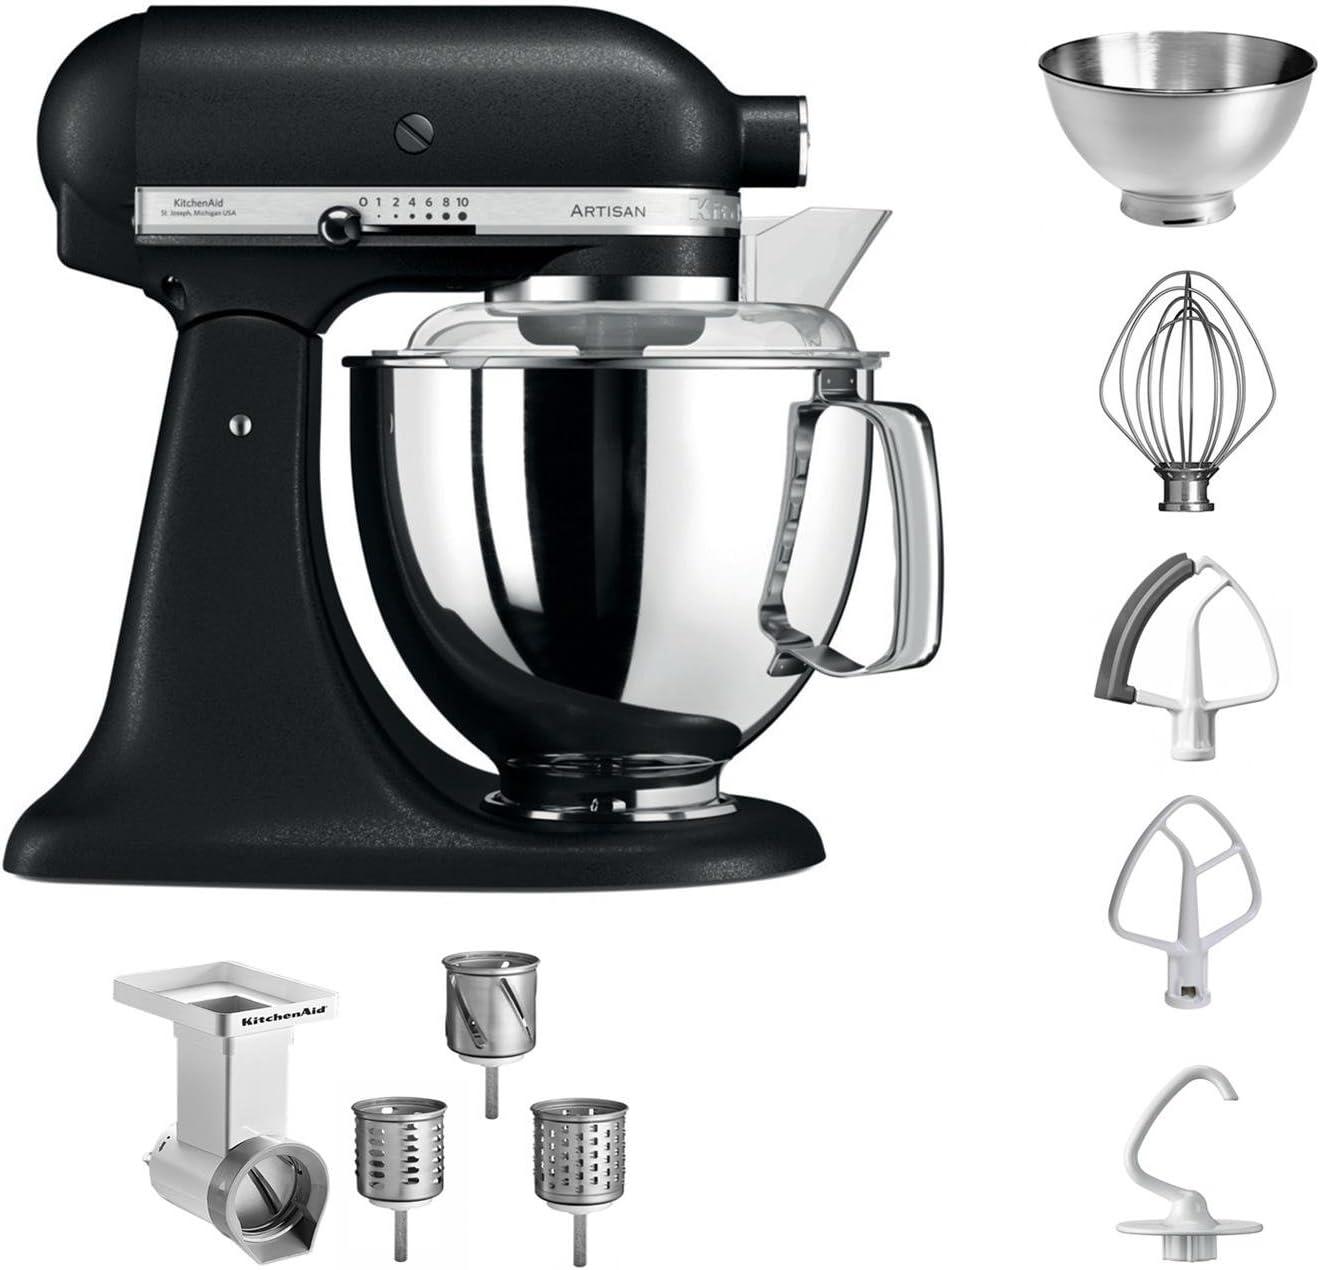 KitchenAid 5 ksm175psebk + MVSA Artisan Robot de cocina + Cortador de verduras, color negro: Amazon.es: Hogar